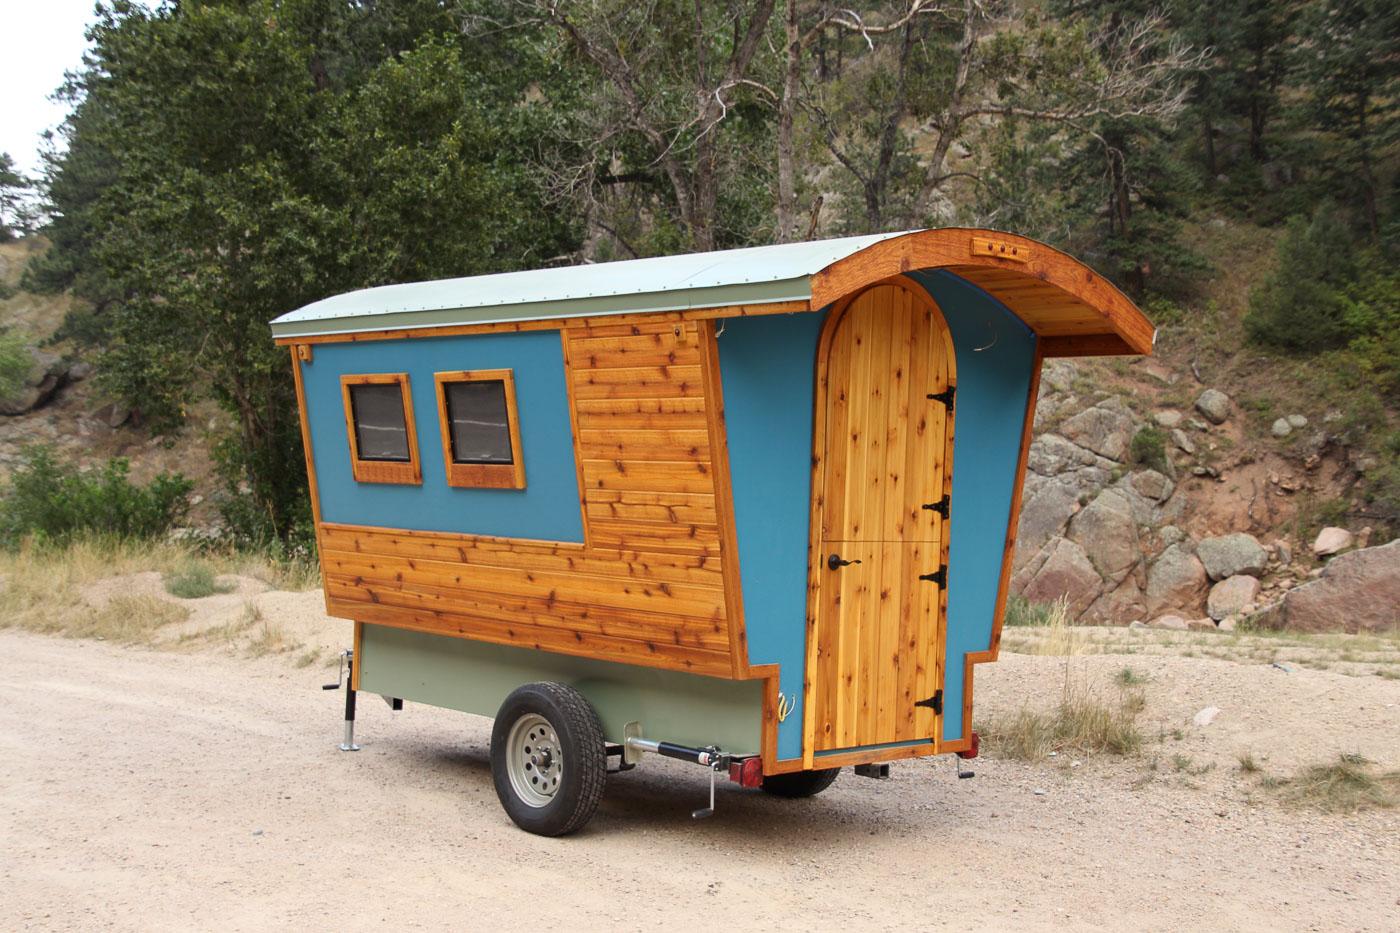 Gypsy BLISS Wagons - SimBLISSity Tiny Homes